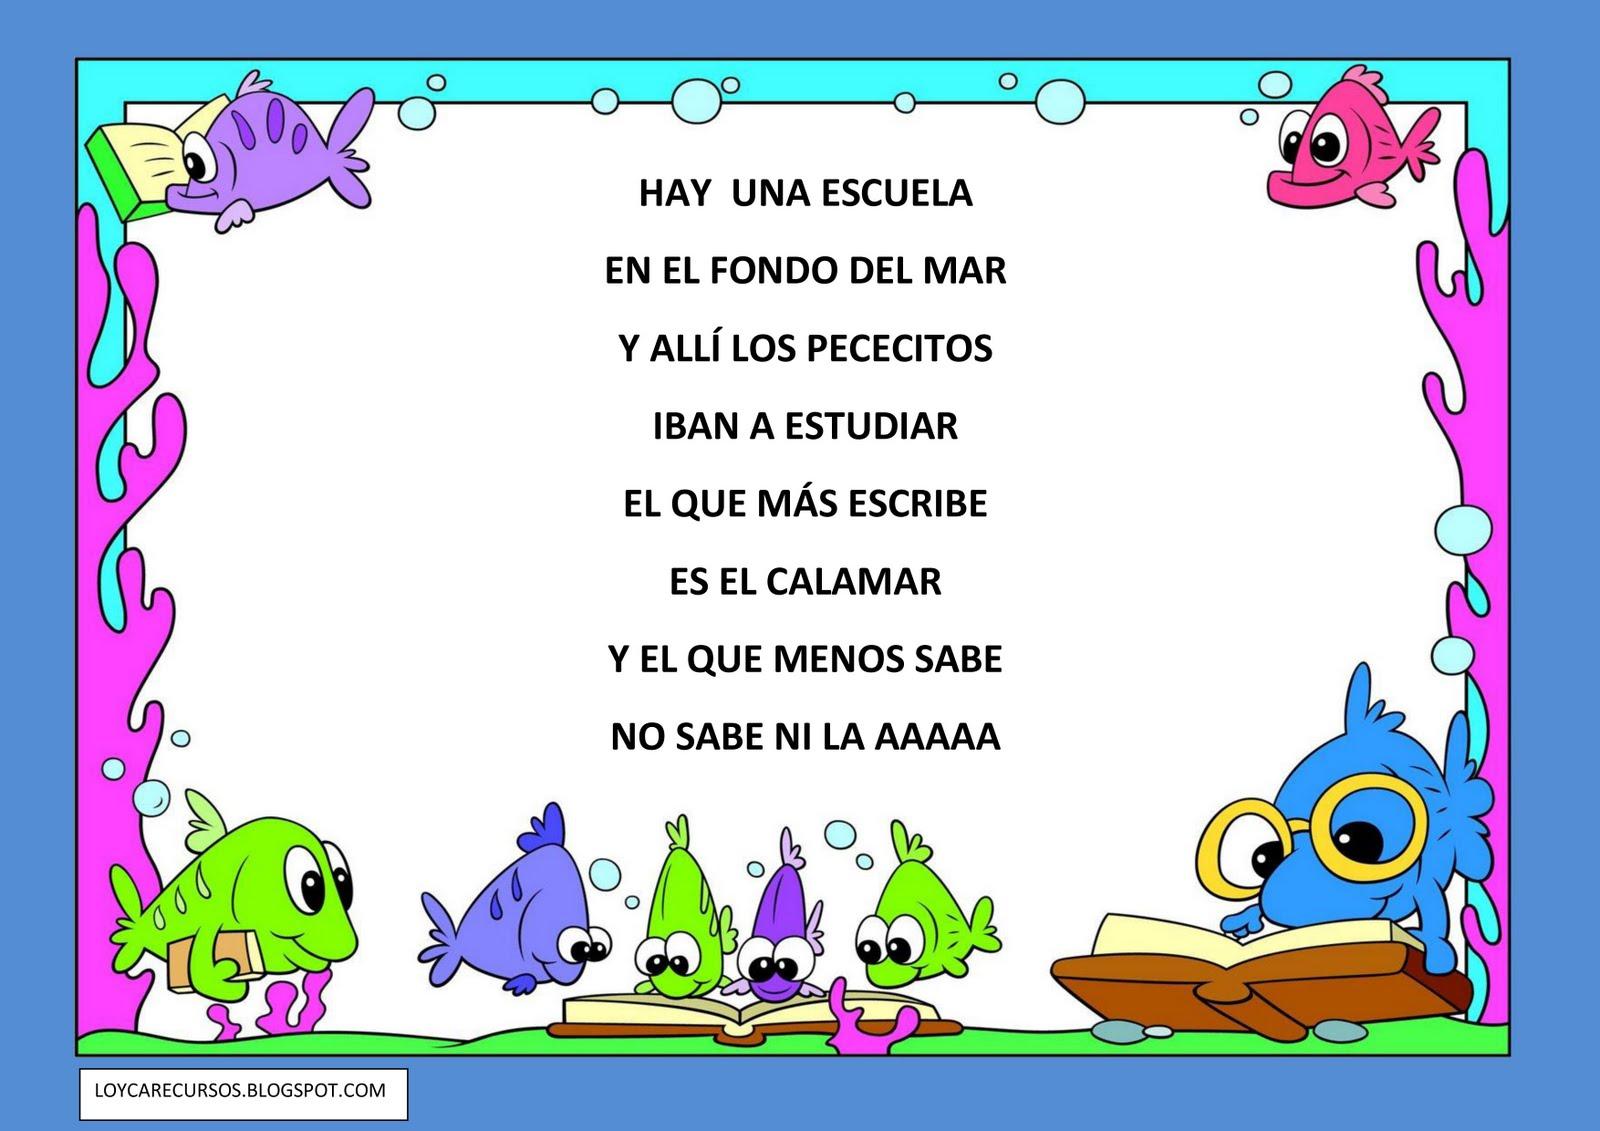 imagen poesia: